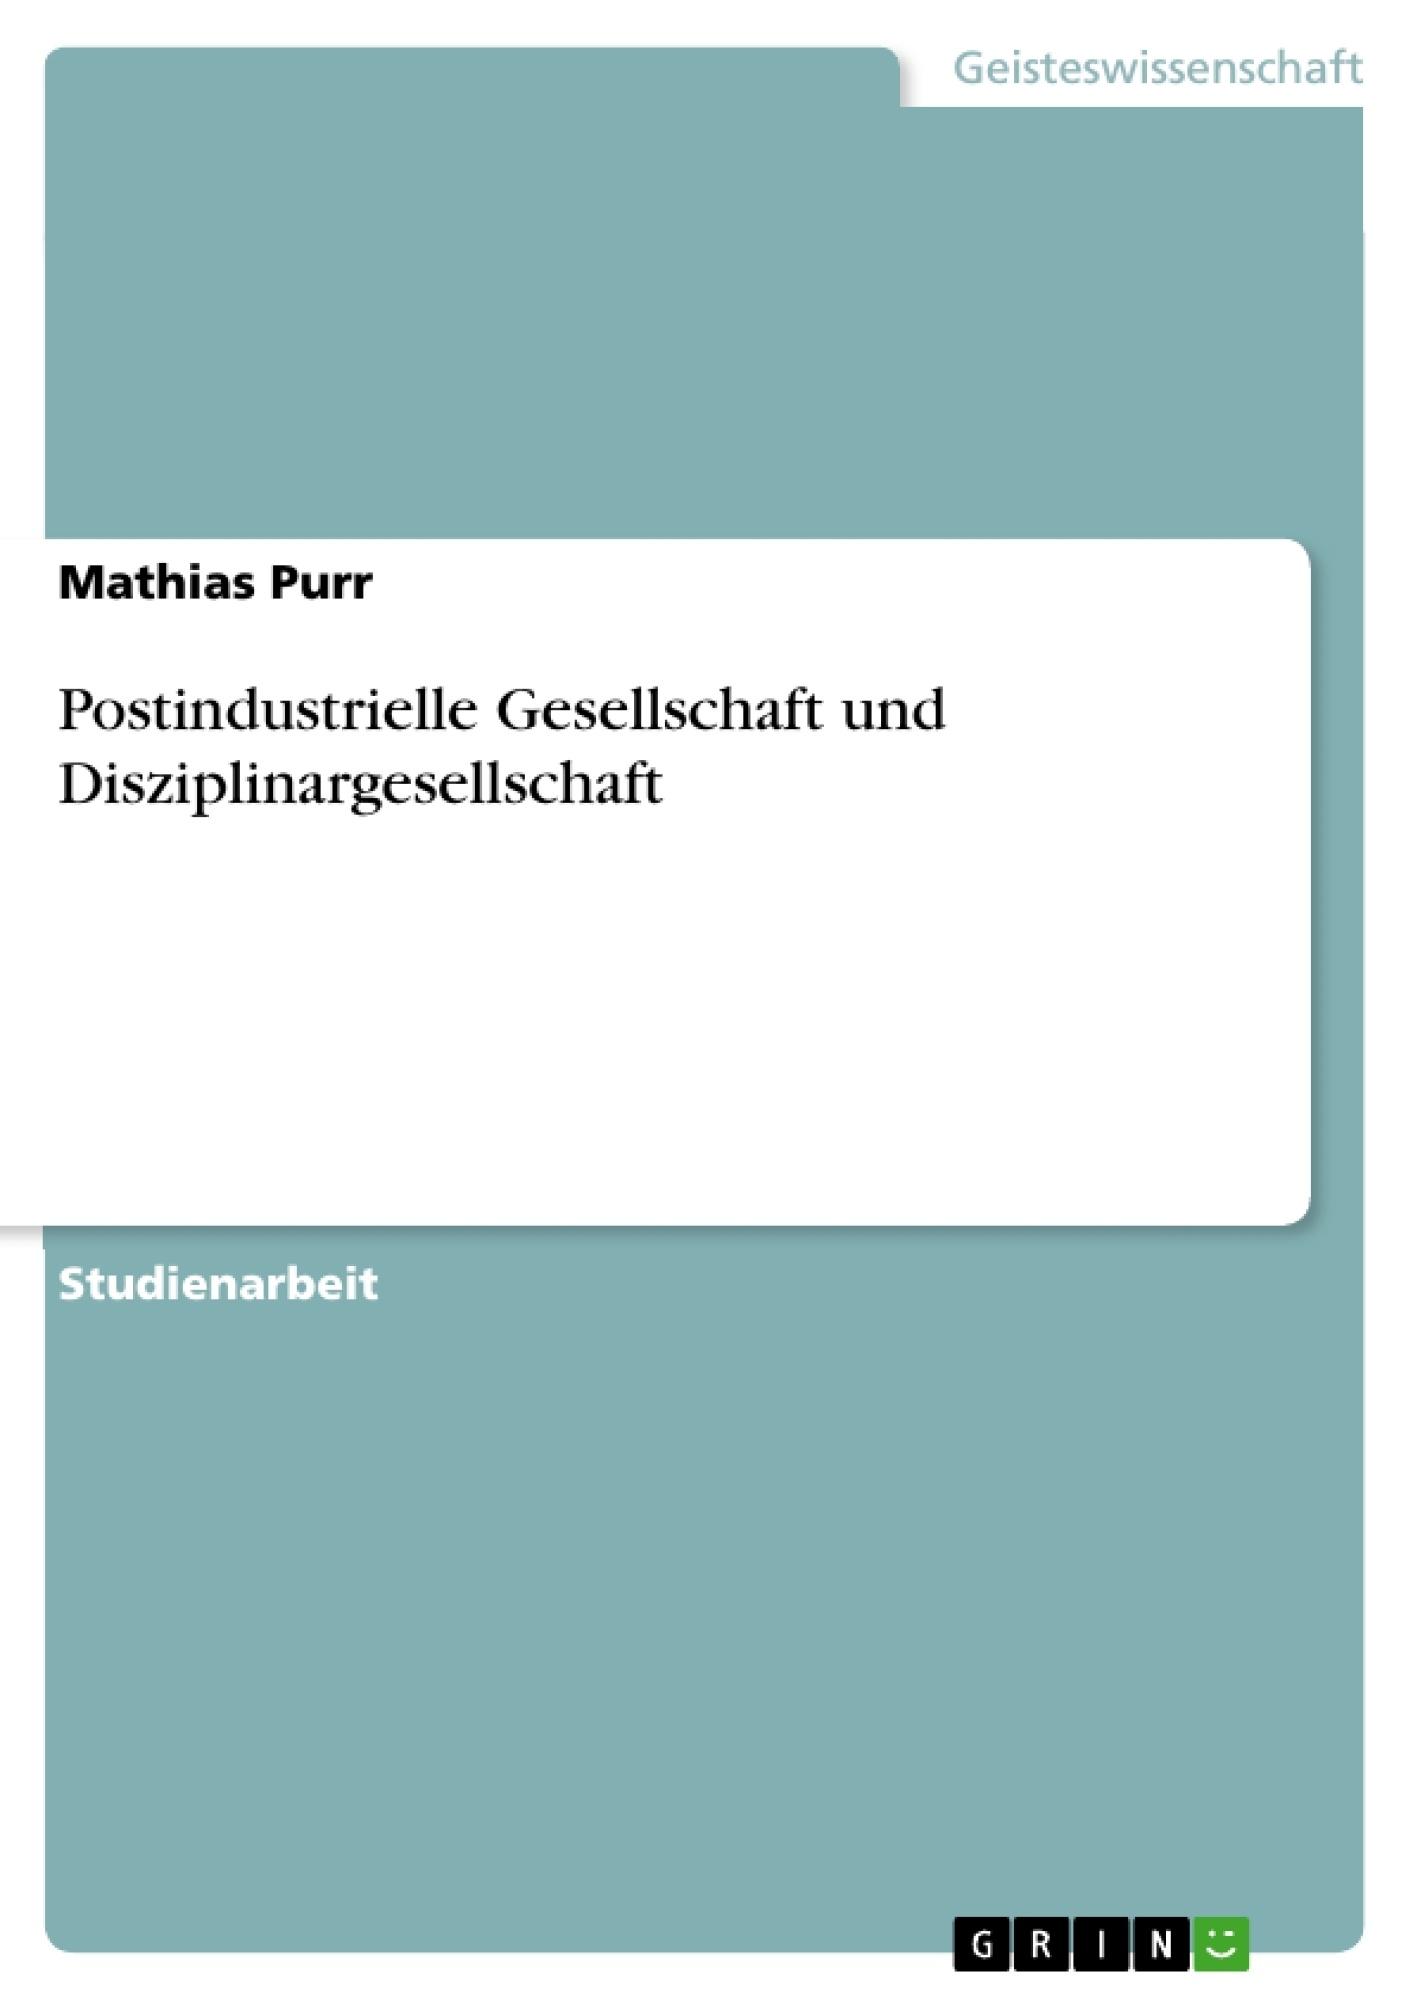 Titel: Postindustrielle Gesellschaft und Disziplinargesellschaft